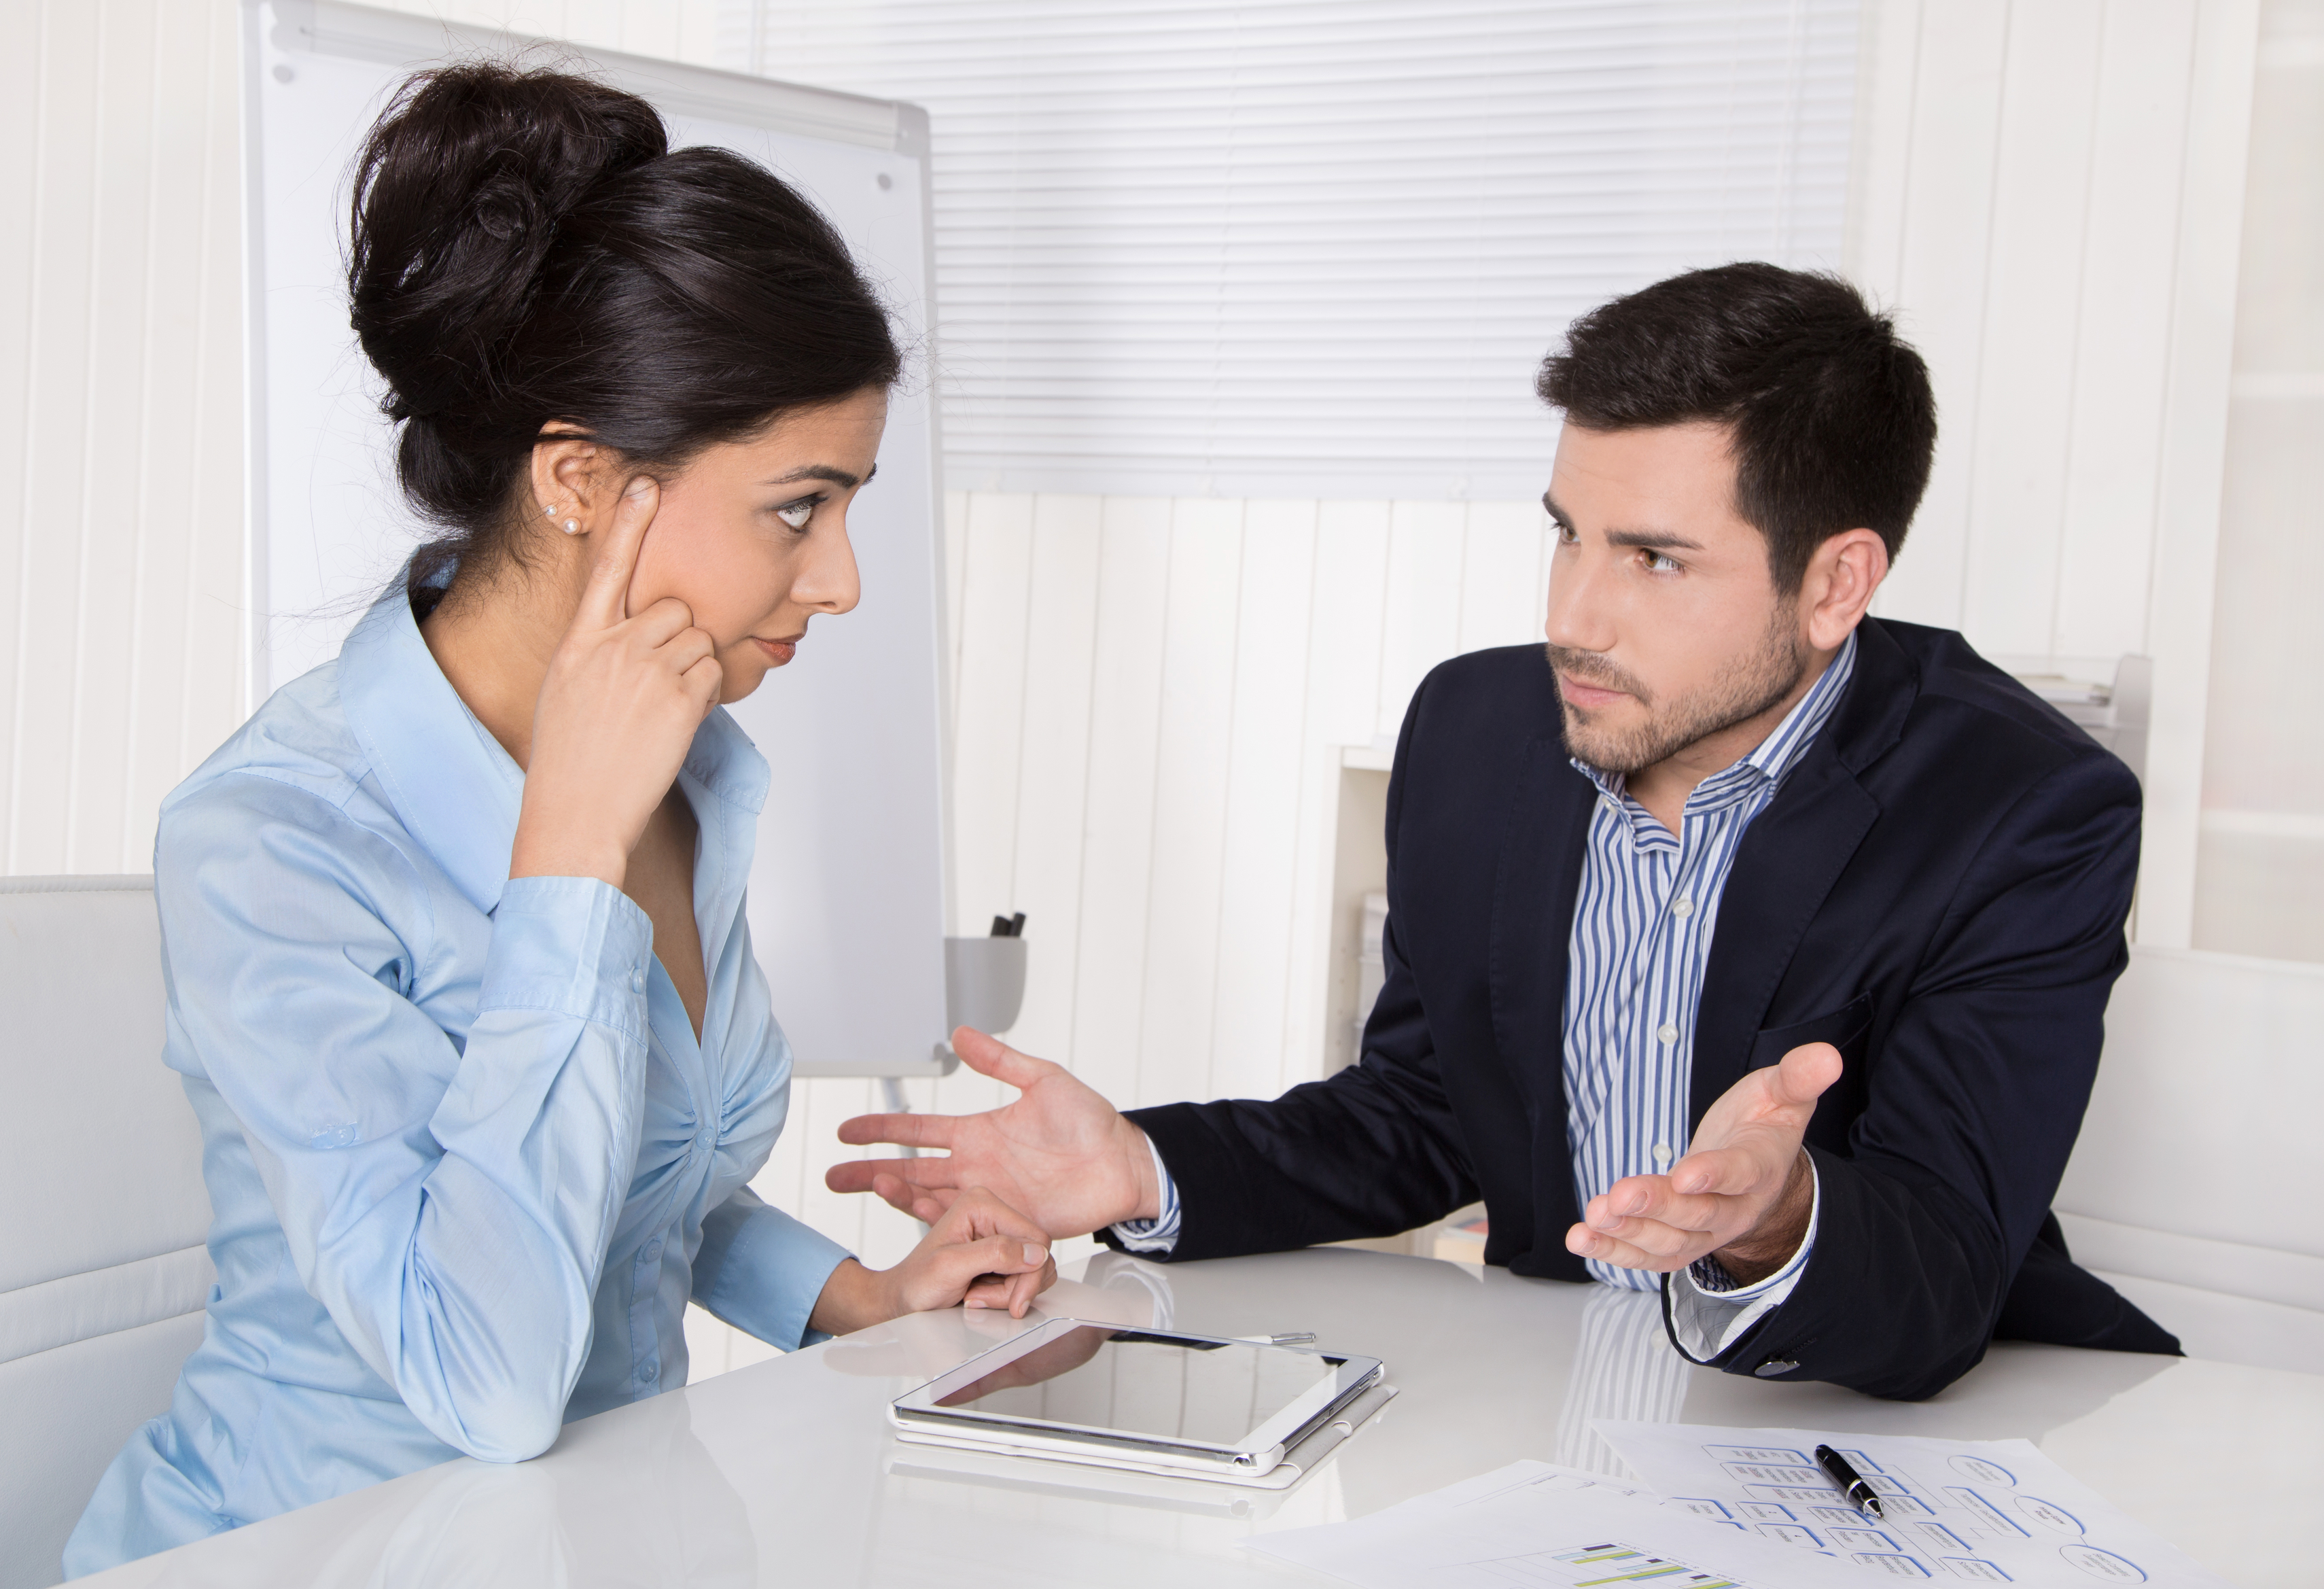 Das Mitarbeitergespräch fördert den Austausch zwischen Führungskraft und Angestelltem.